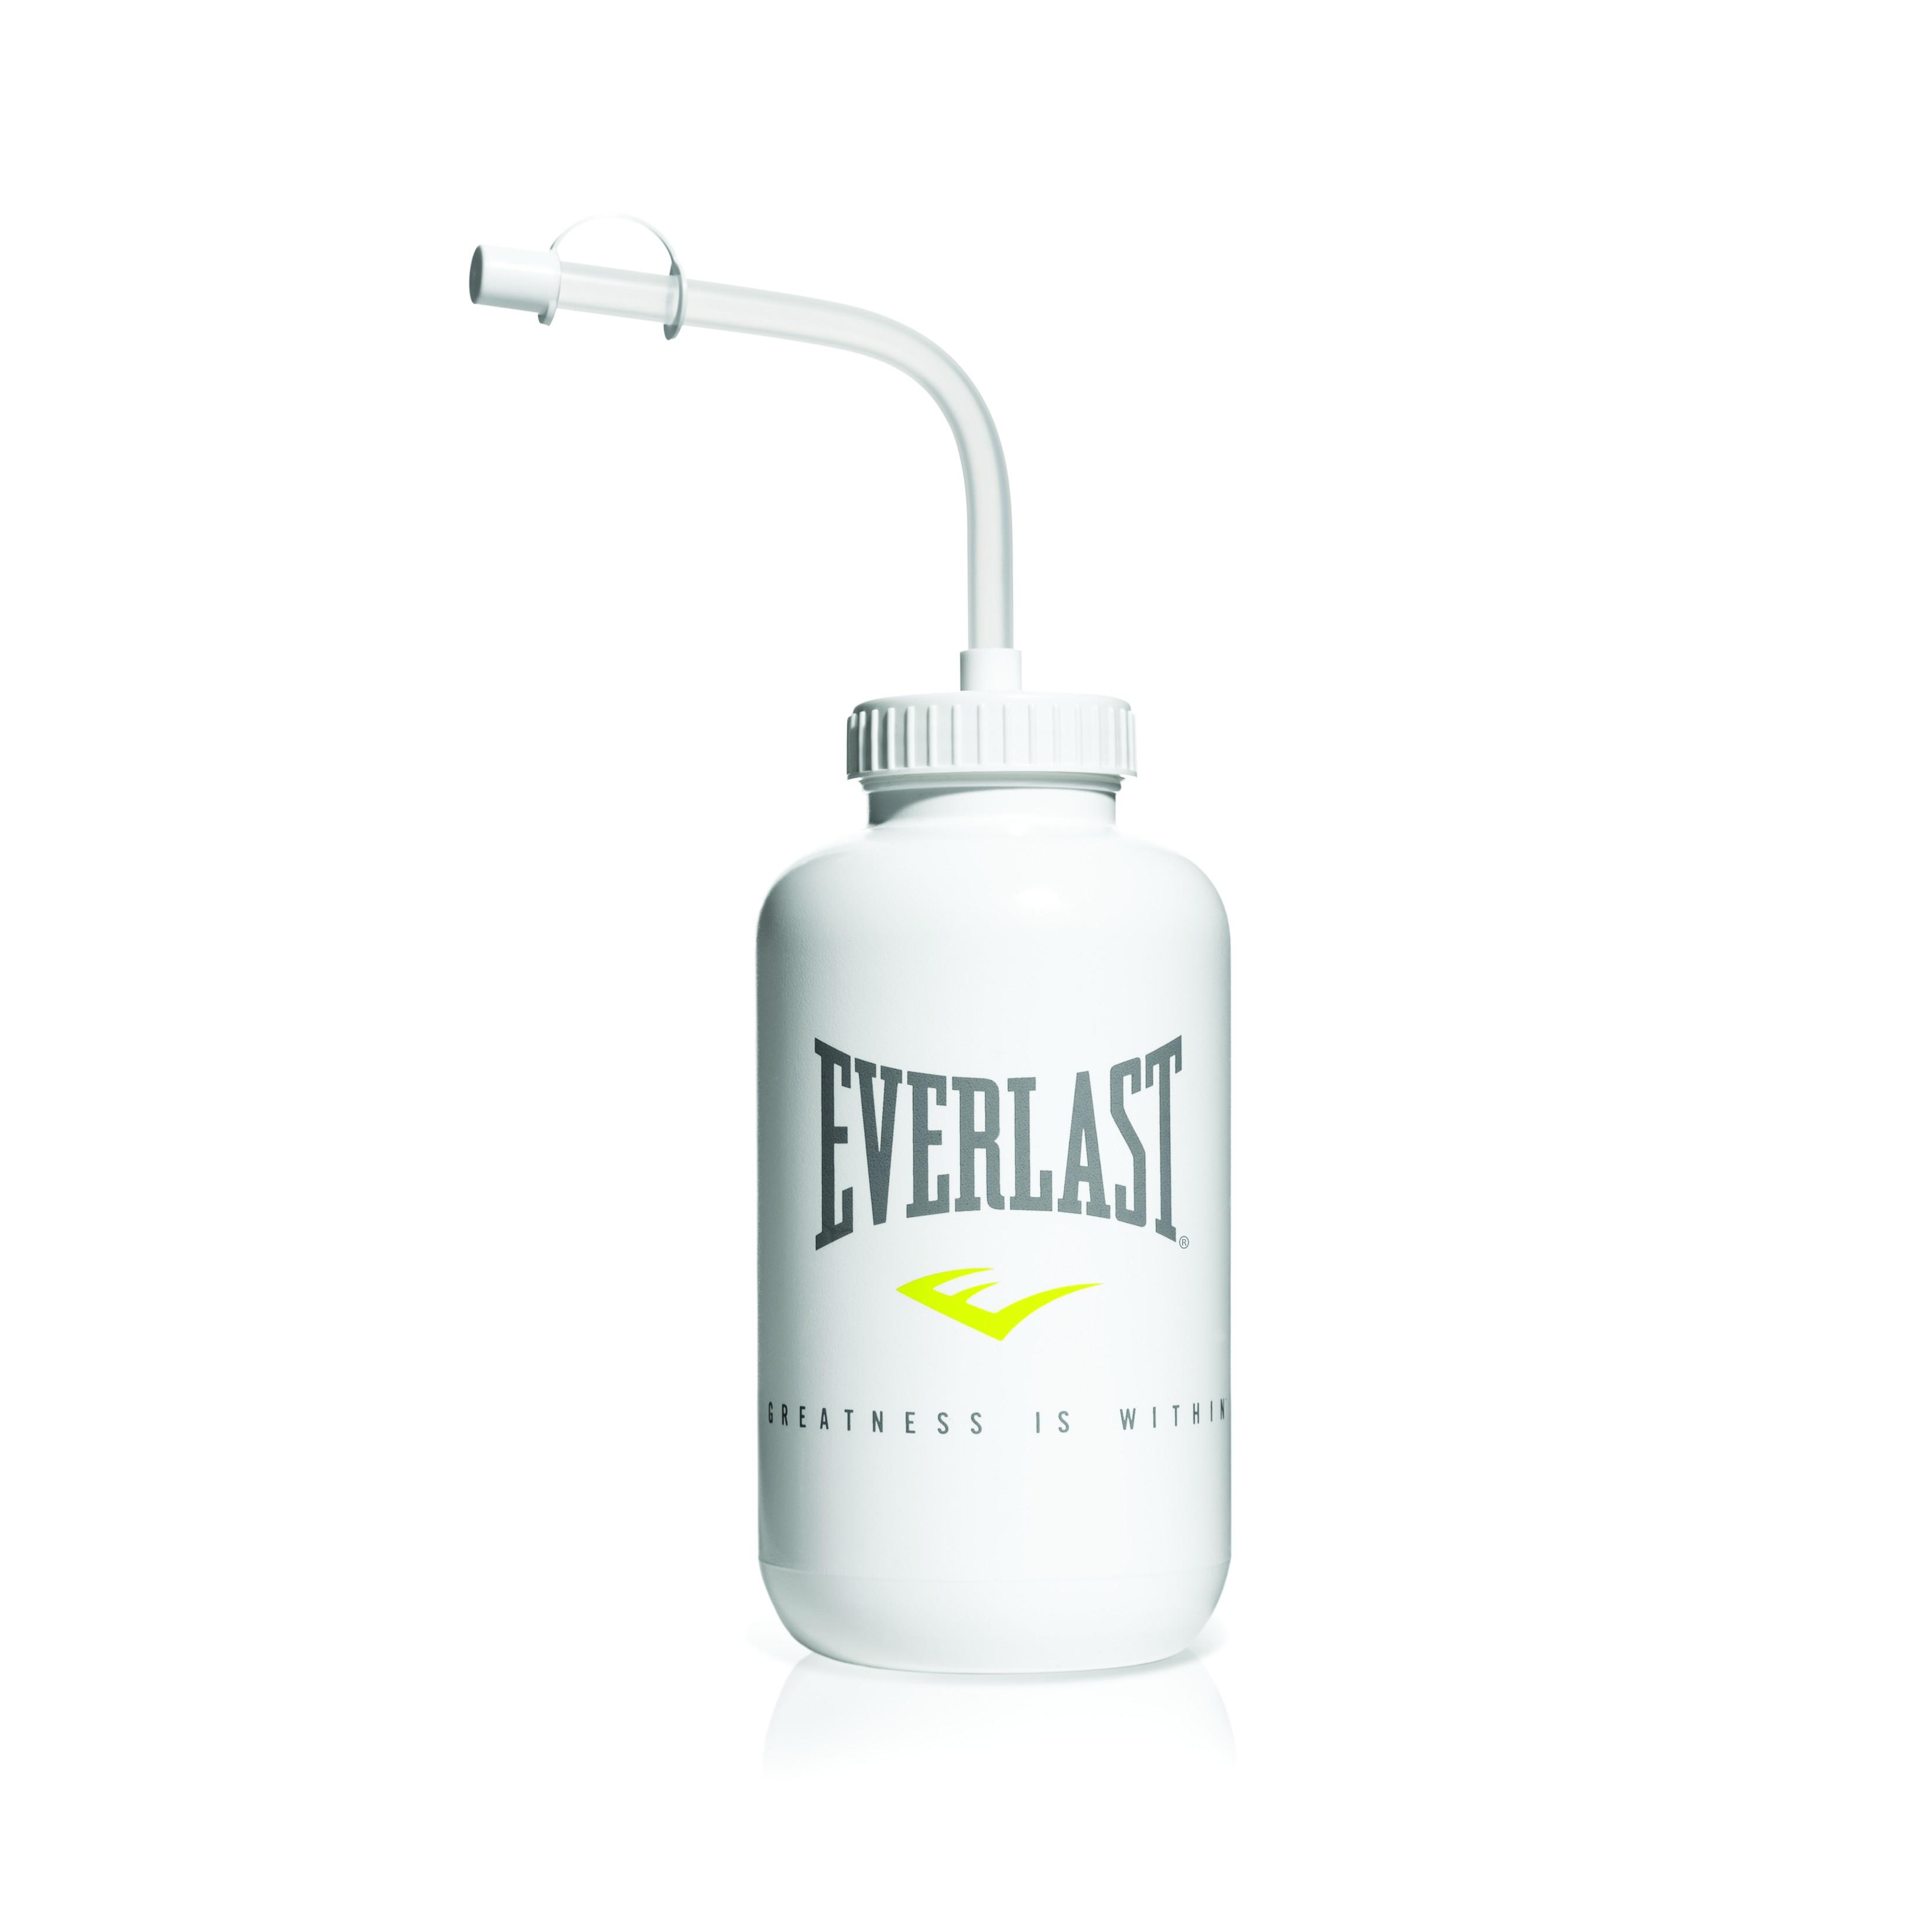 Бутылка спортивная Everlast, цвет: белый, 900 млEVBOTTLEШирокое горлышко позволяет наполнить бутылку не только водой, но и кубиками льда. Бутылка снабжена изогнутой трубочкой со специальным колпачком, чтобы избежать утечки жидкости. Бутылка сохраняет отличную устойчивость, даже если пустая.